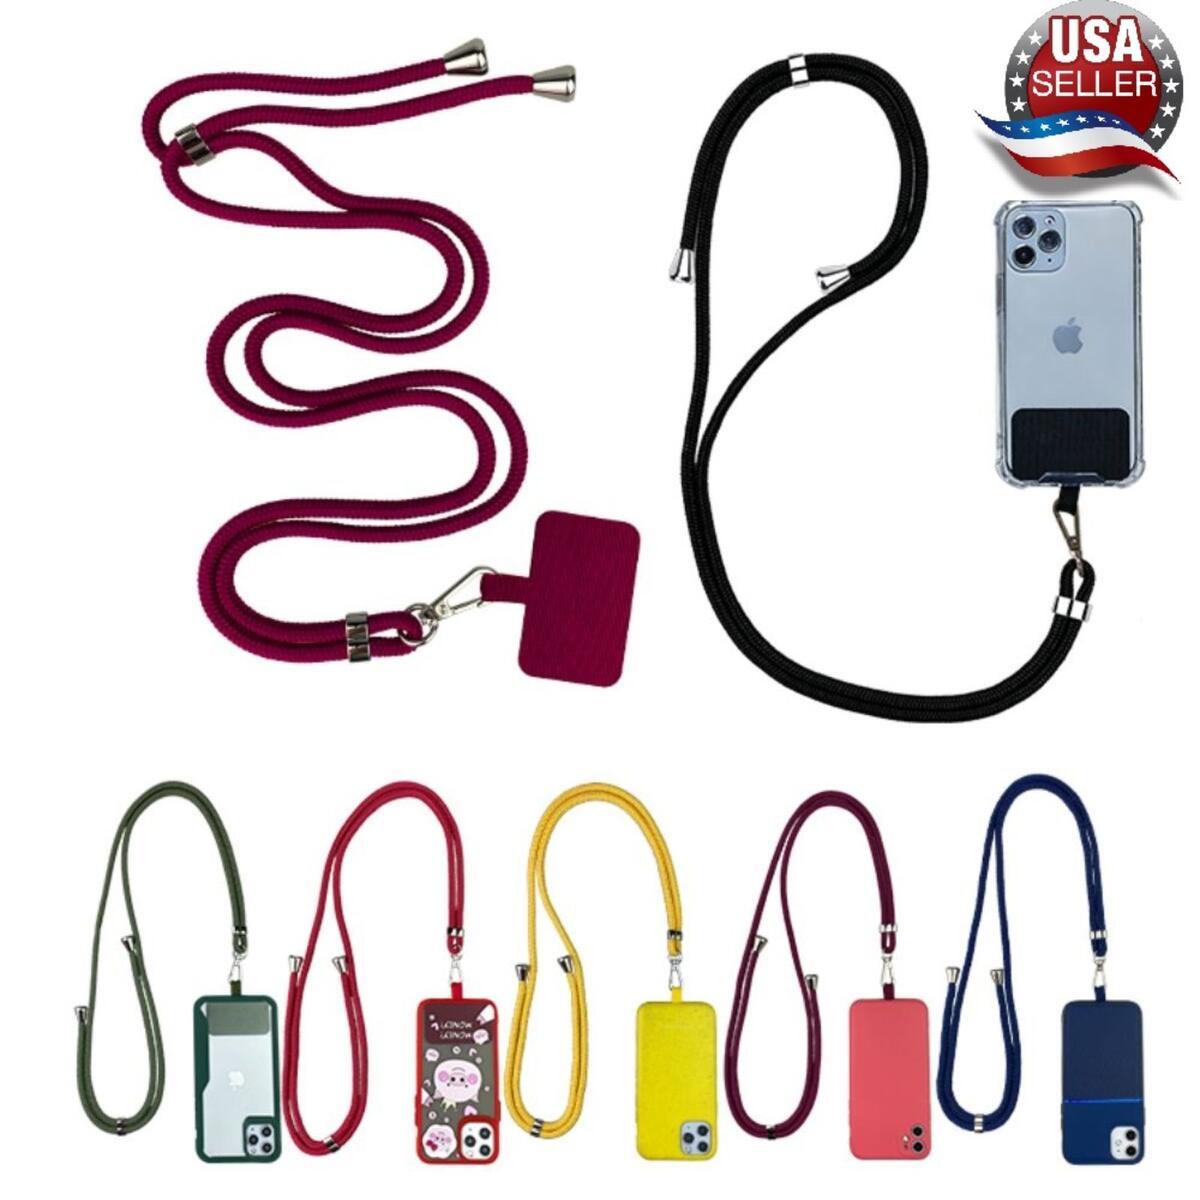 Phone Lanyard, Universal Cell Phone Lanyard with Adjustable Shoulder Strap, Lanyard Phone case, Multiple use Lanyard (Yellow Pad, Black Multi Strap)